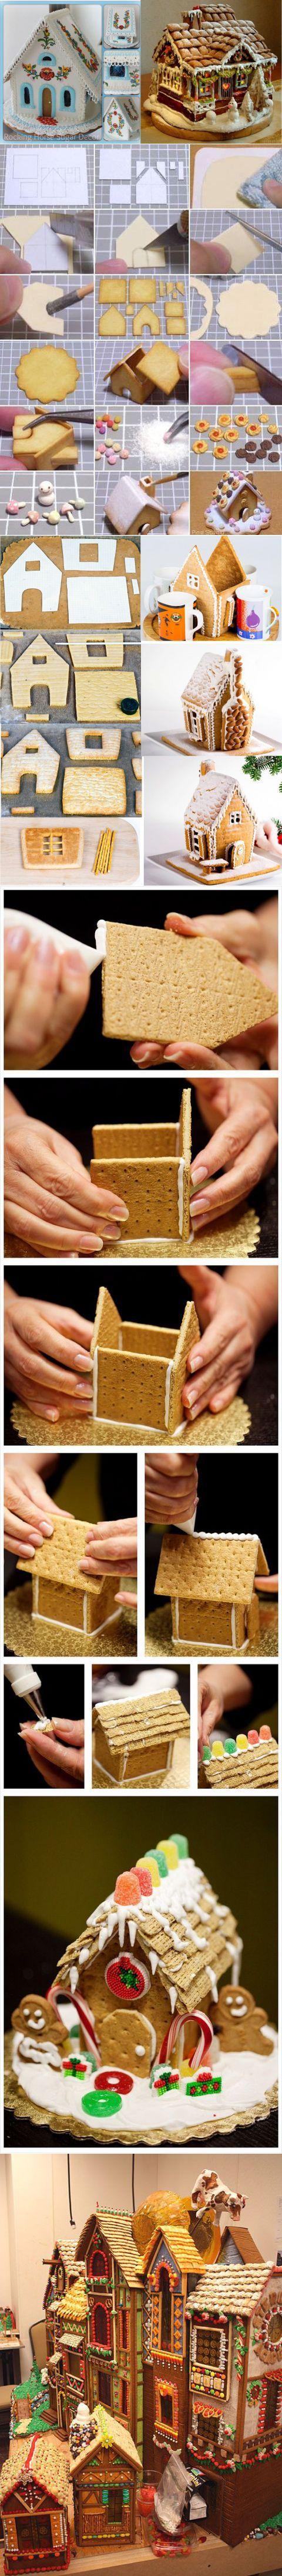 Праздничные пряничные домики своими руками - РукоделиеПраздничные пряничные домики своими руками - Рукоделие | Рождественский домик и Пряник | Постила